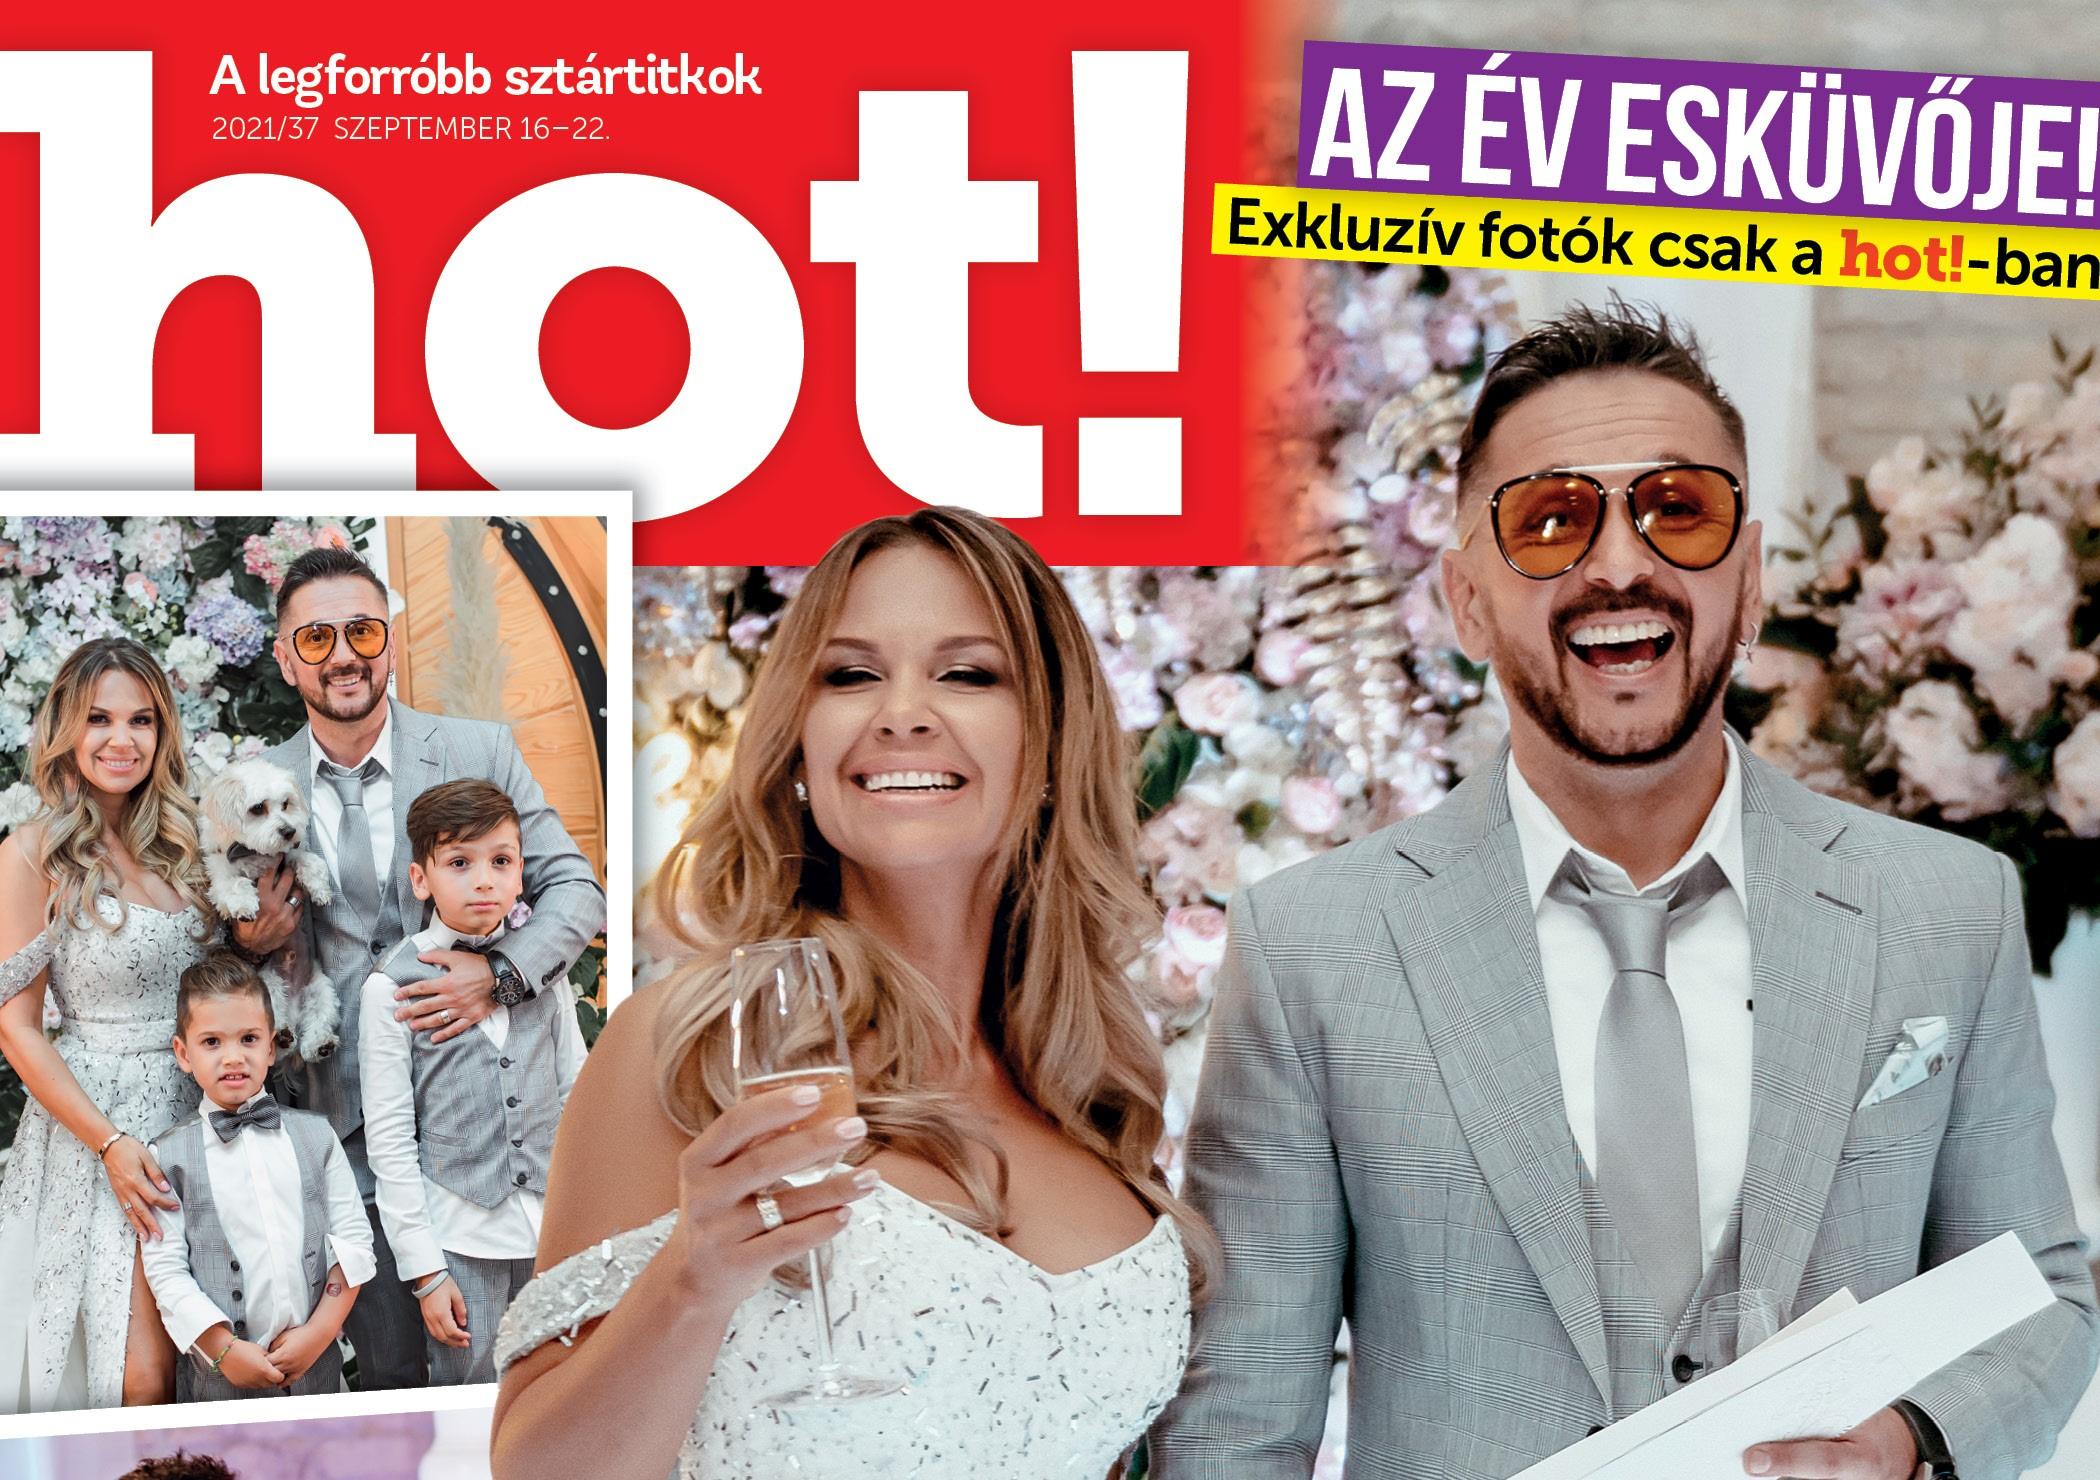 Majka és Dundika exkluzív esküvői képek és beszámoló a hot! magazinban